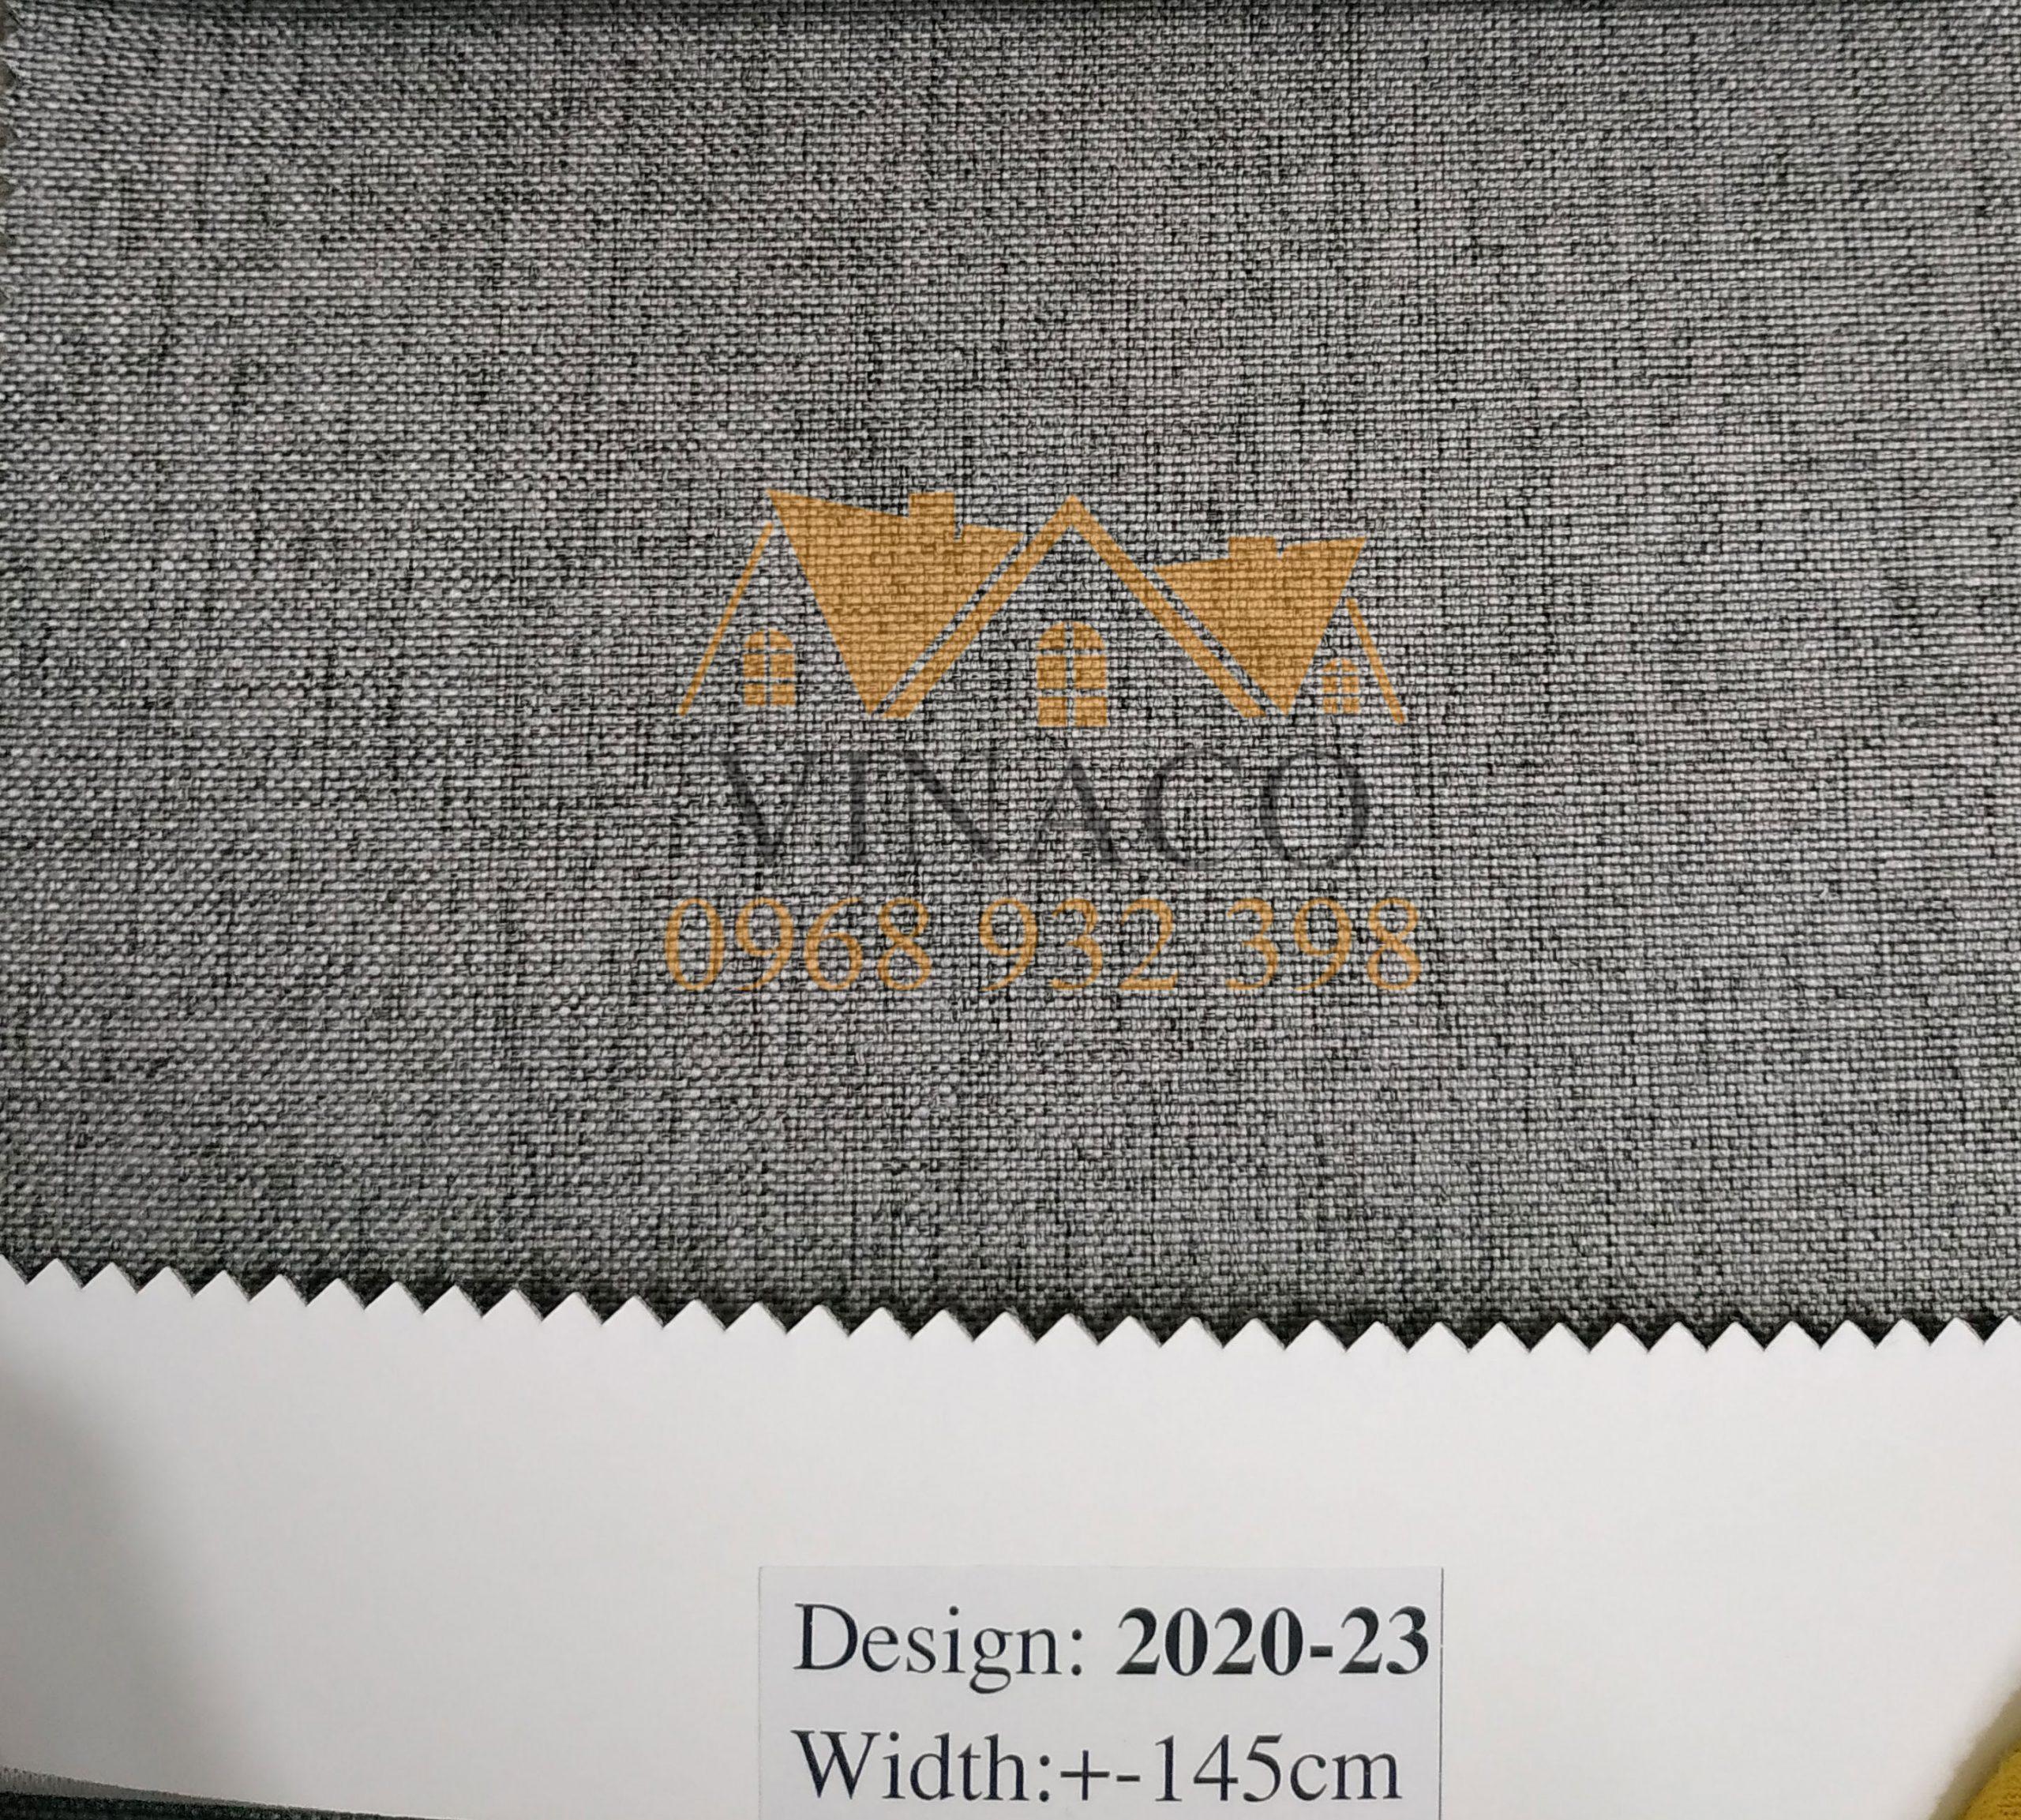 Mẫu vải thô LT-2020 chuyên dùng làm vỏ bọc ghế sofa